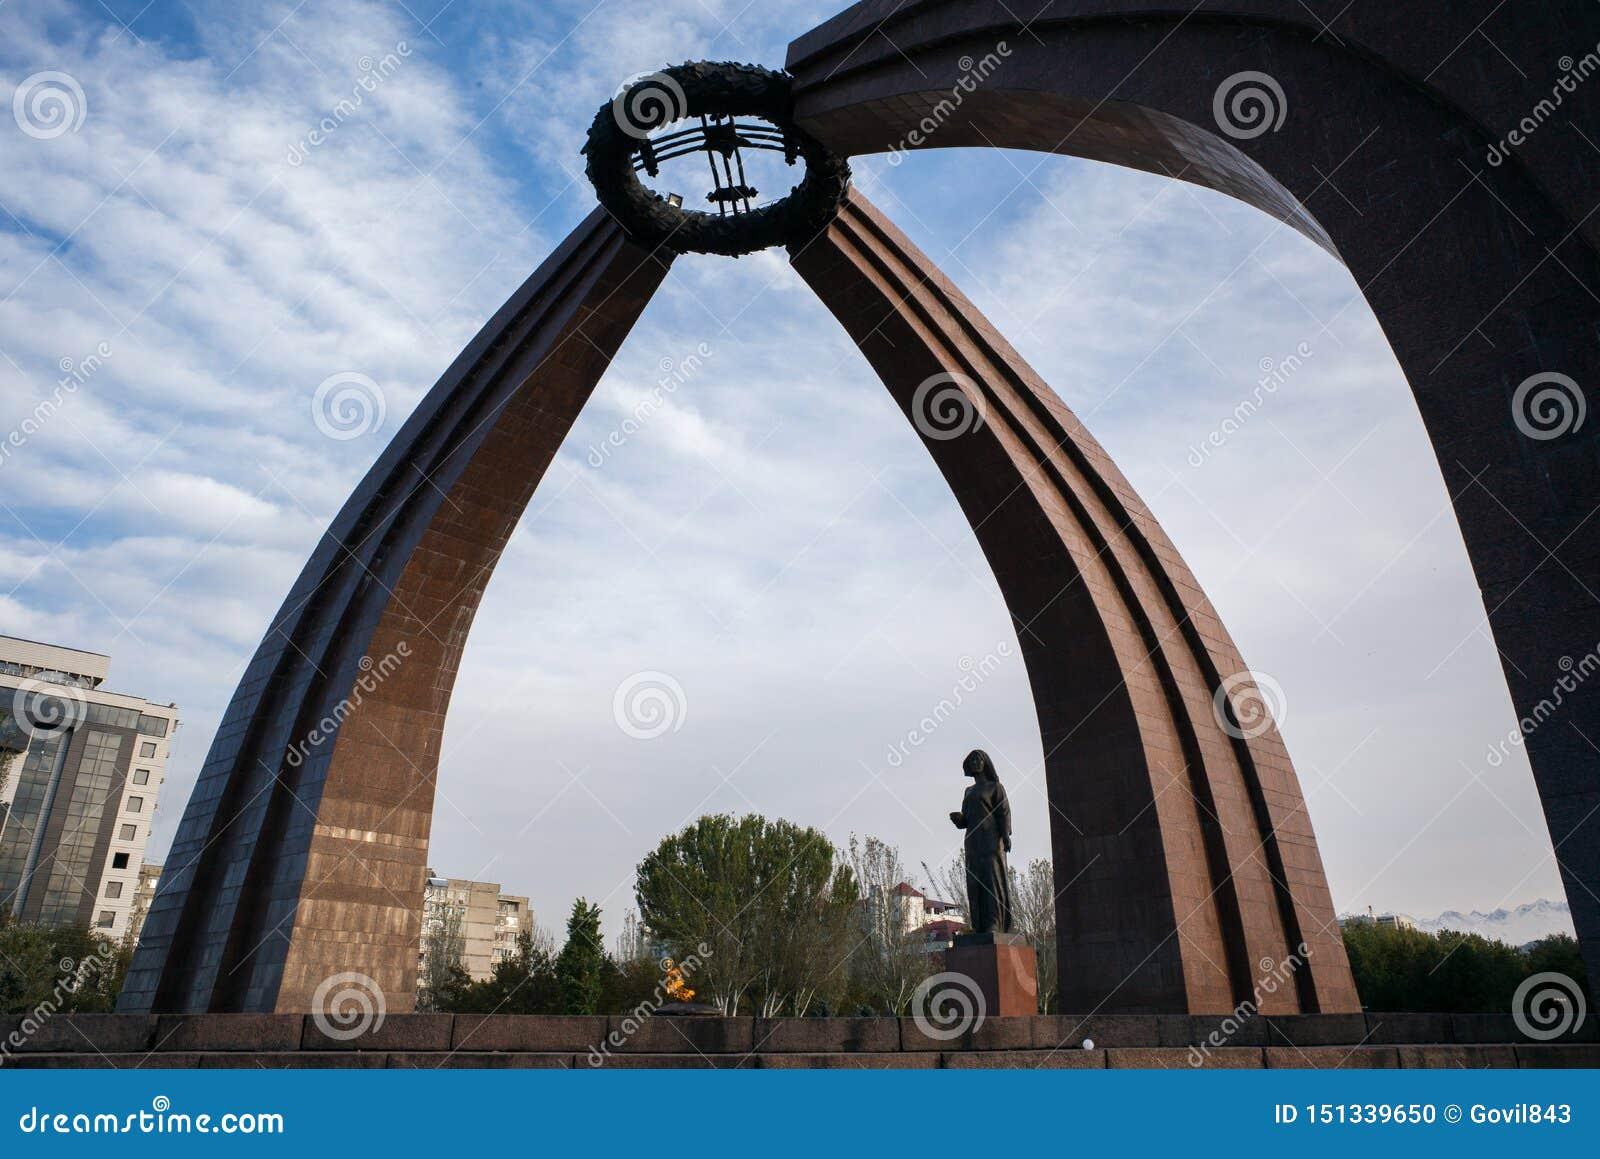 BISHKEK, KYRGYZSTAN: Monument van Overwinning in Biskek, hoofdstad van Kyrgyzstan